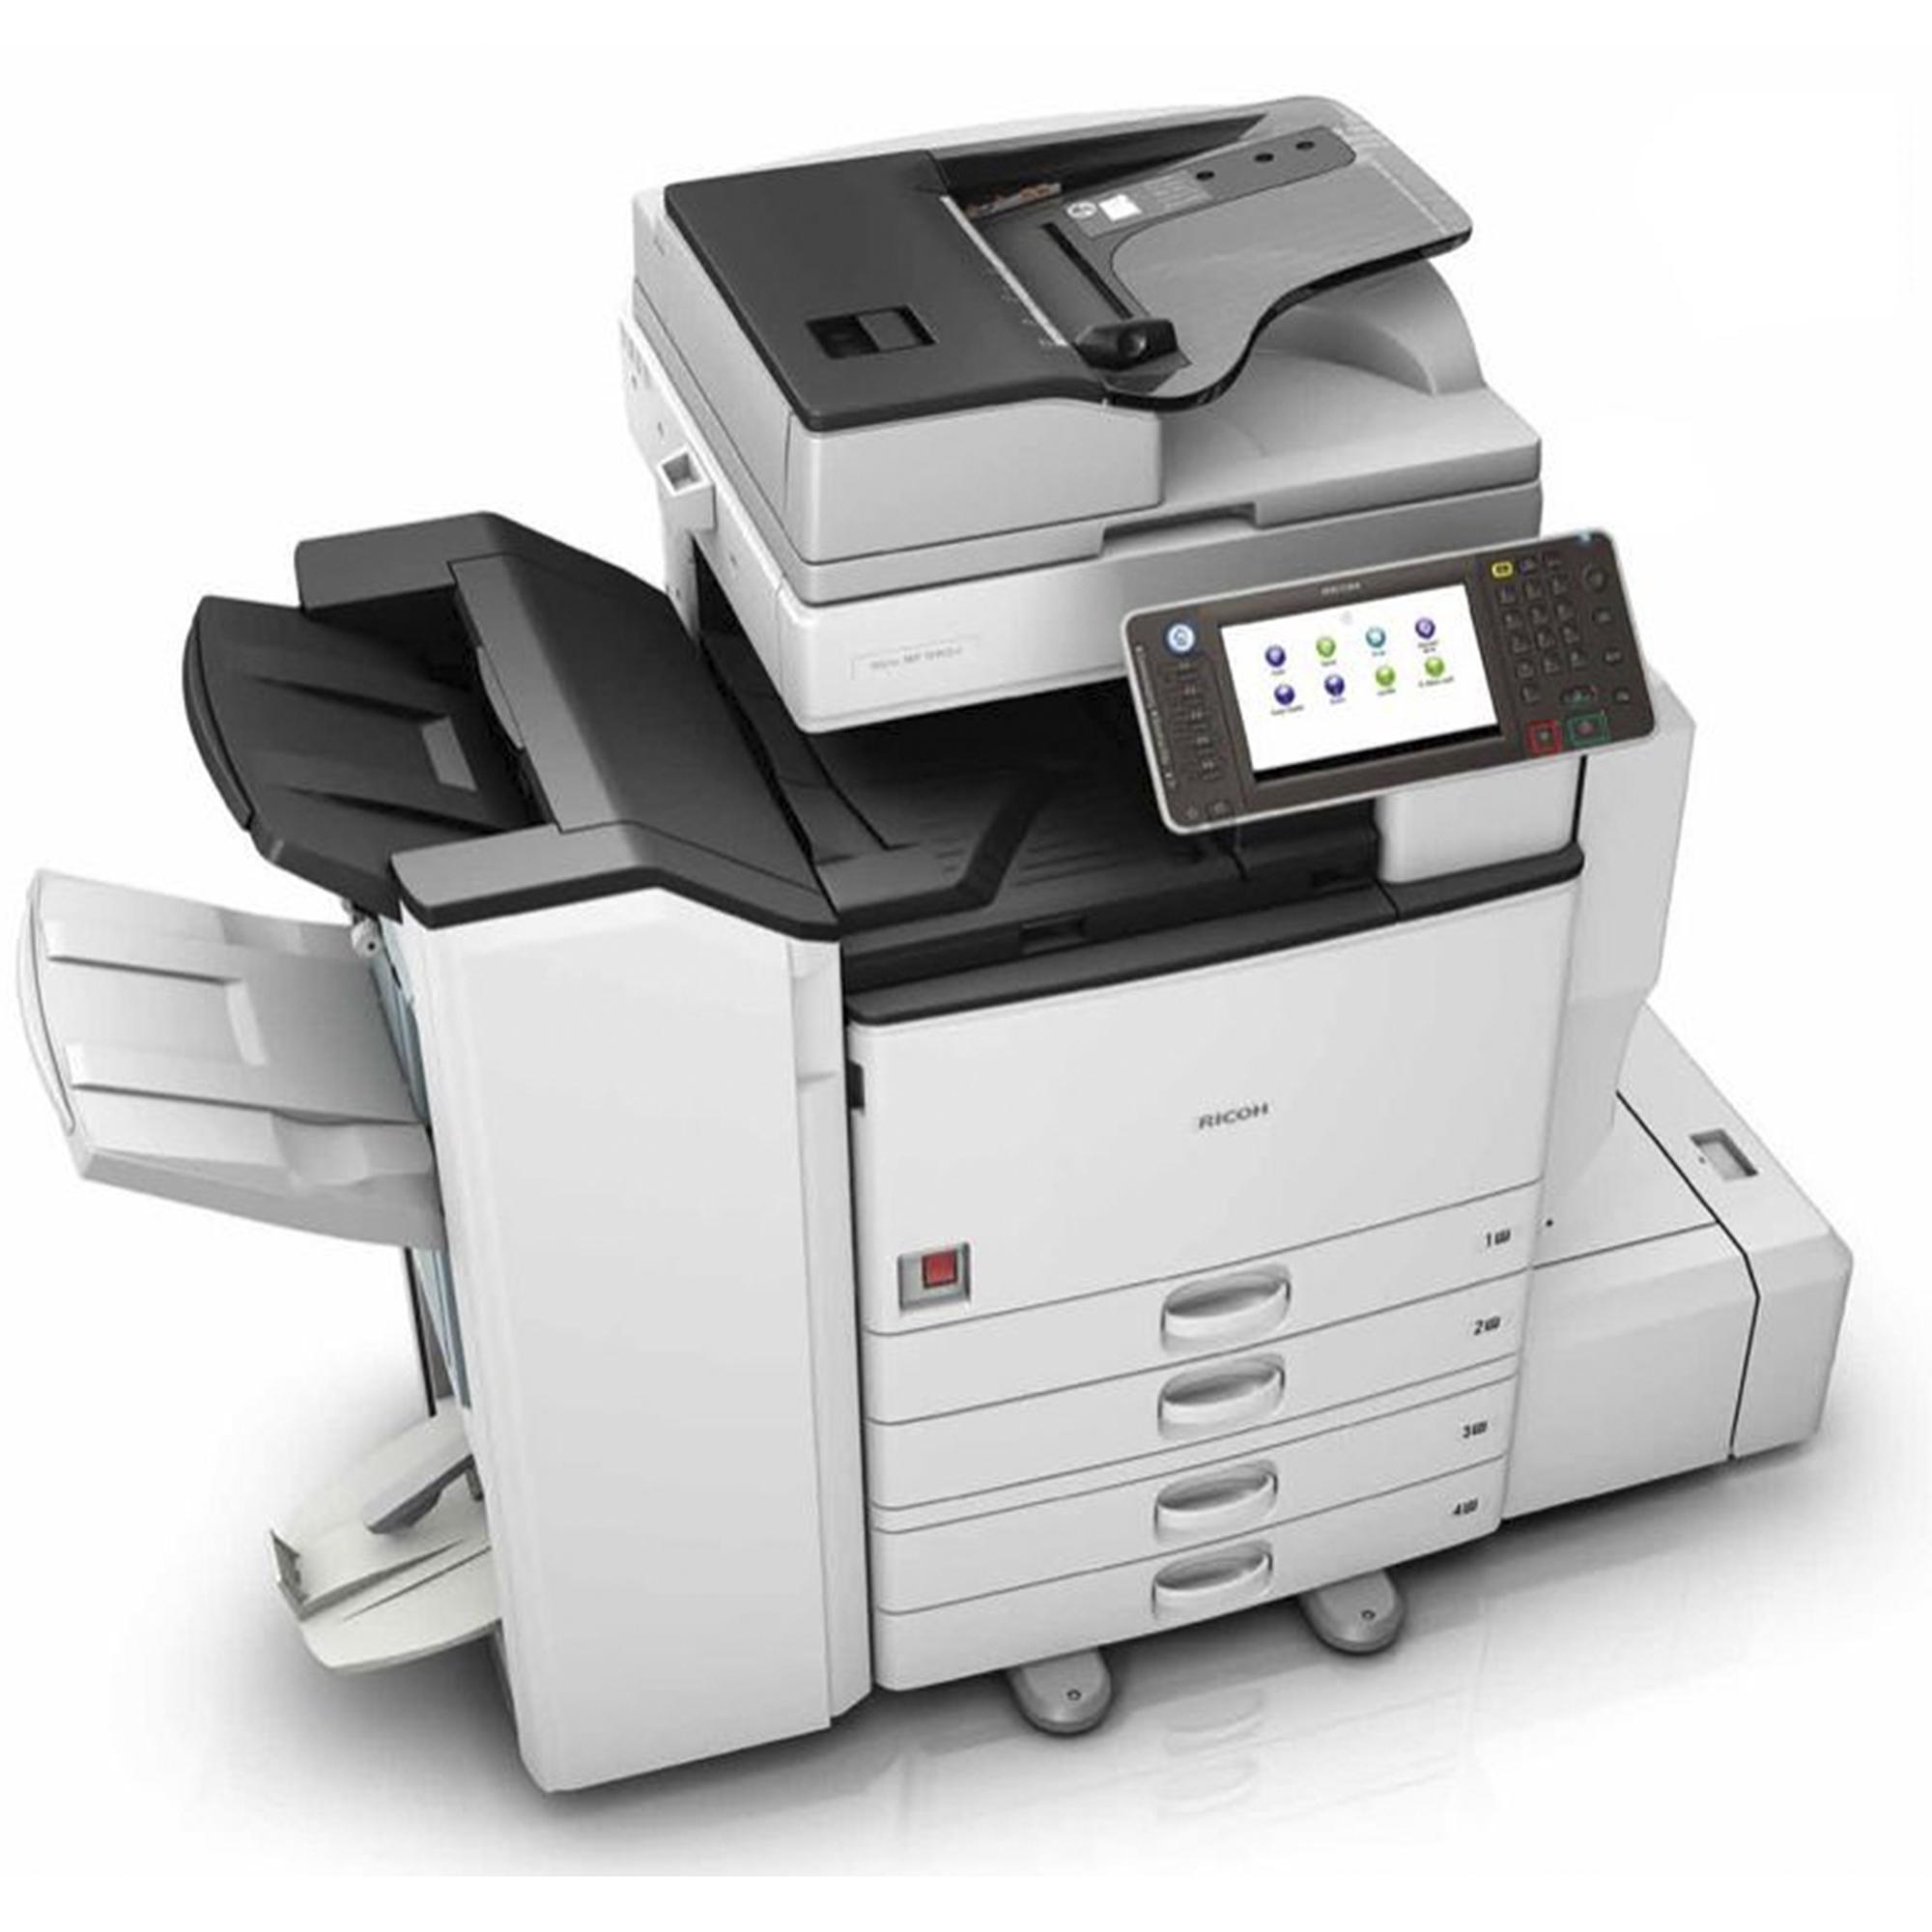 Fotocopiadora Laser RICOH MP 4002